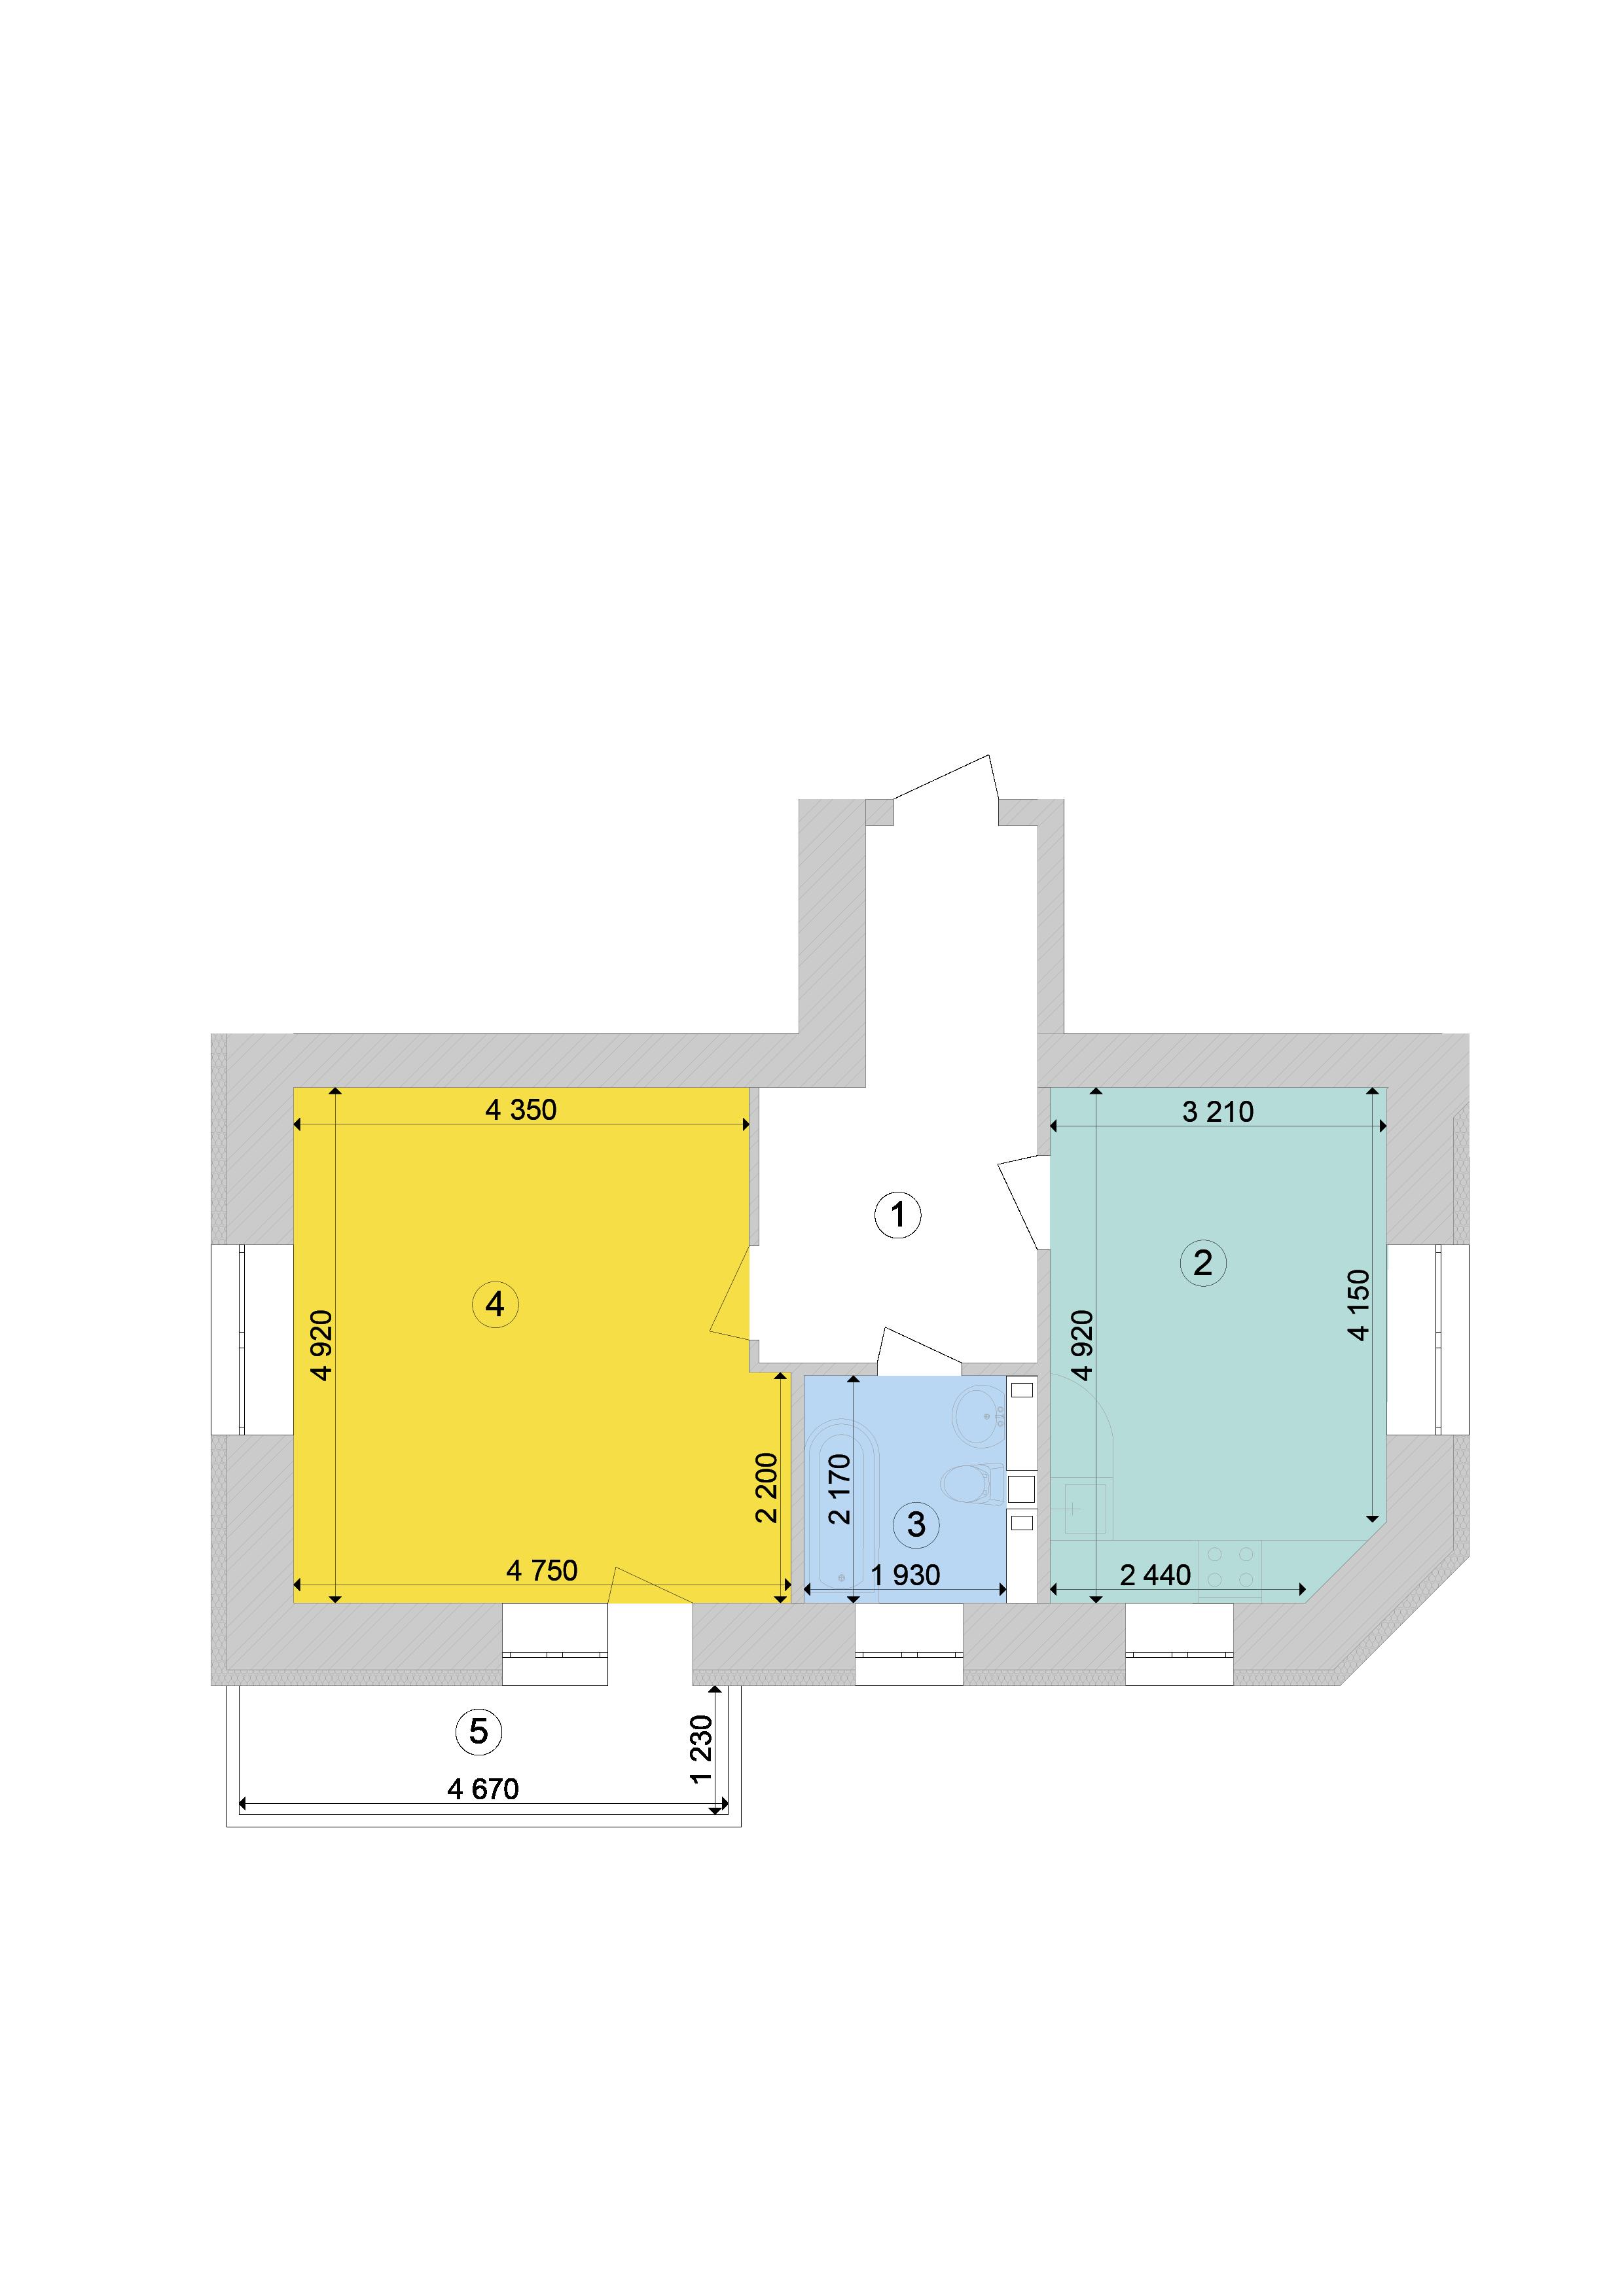 Купити Однокімнатна квартира 53,76 кв.м., тип 1.1, будинок 1, секція 7 в Києві Голосіївський район